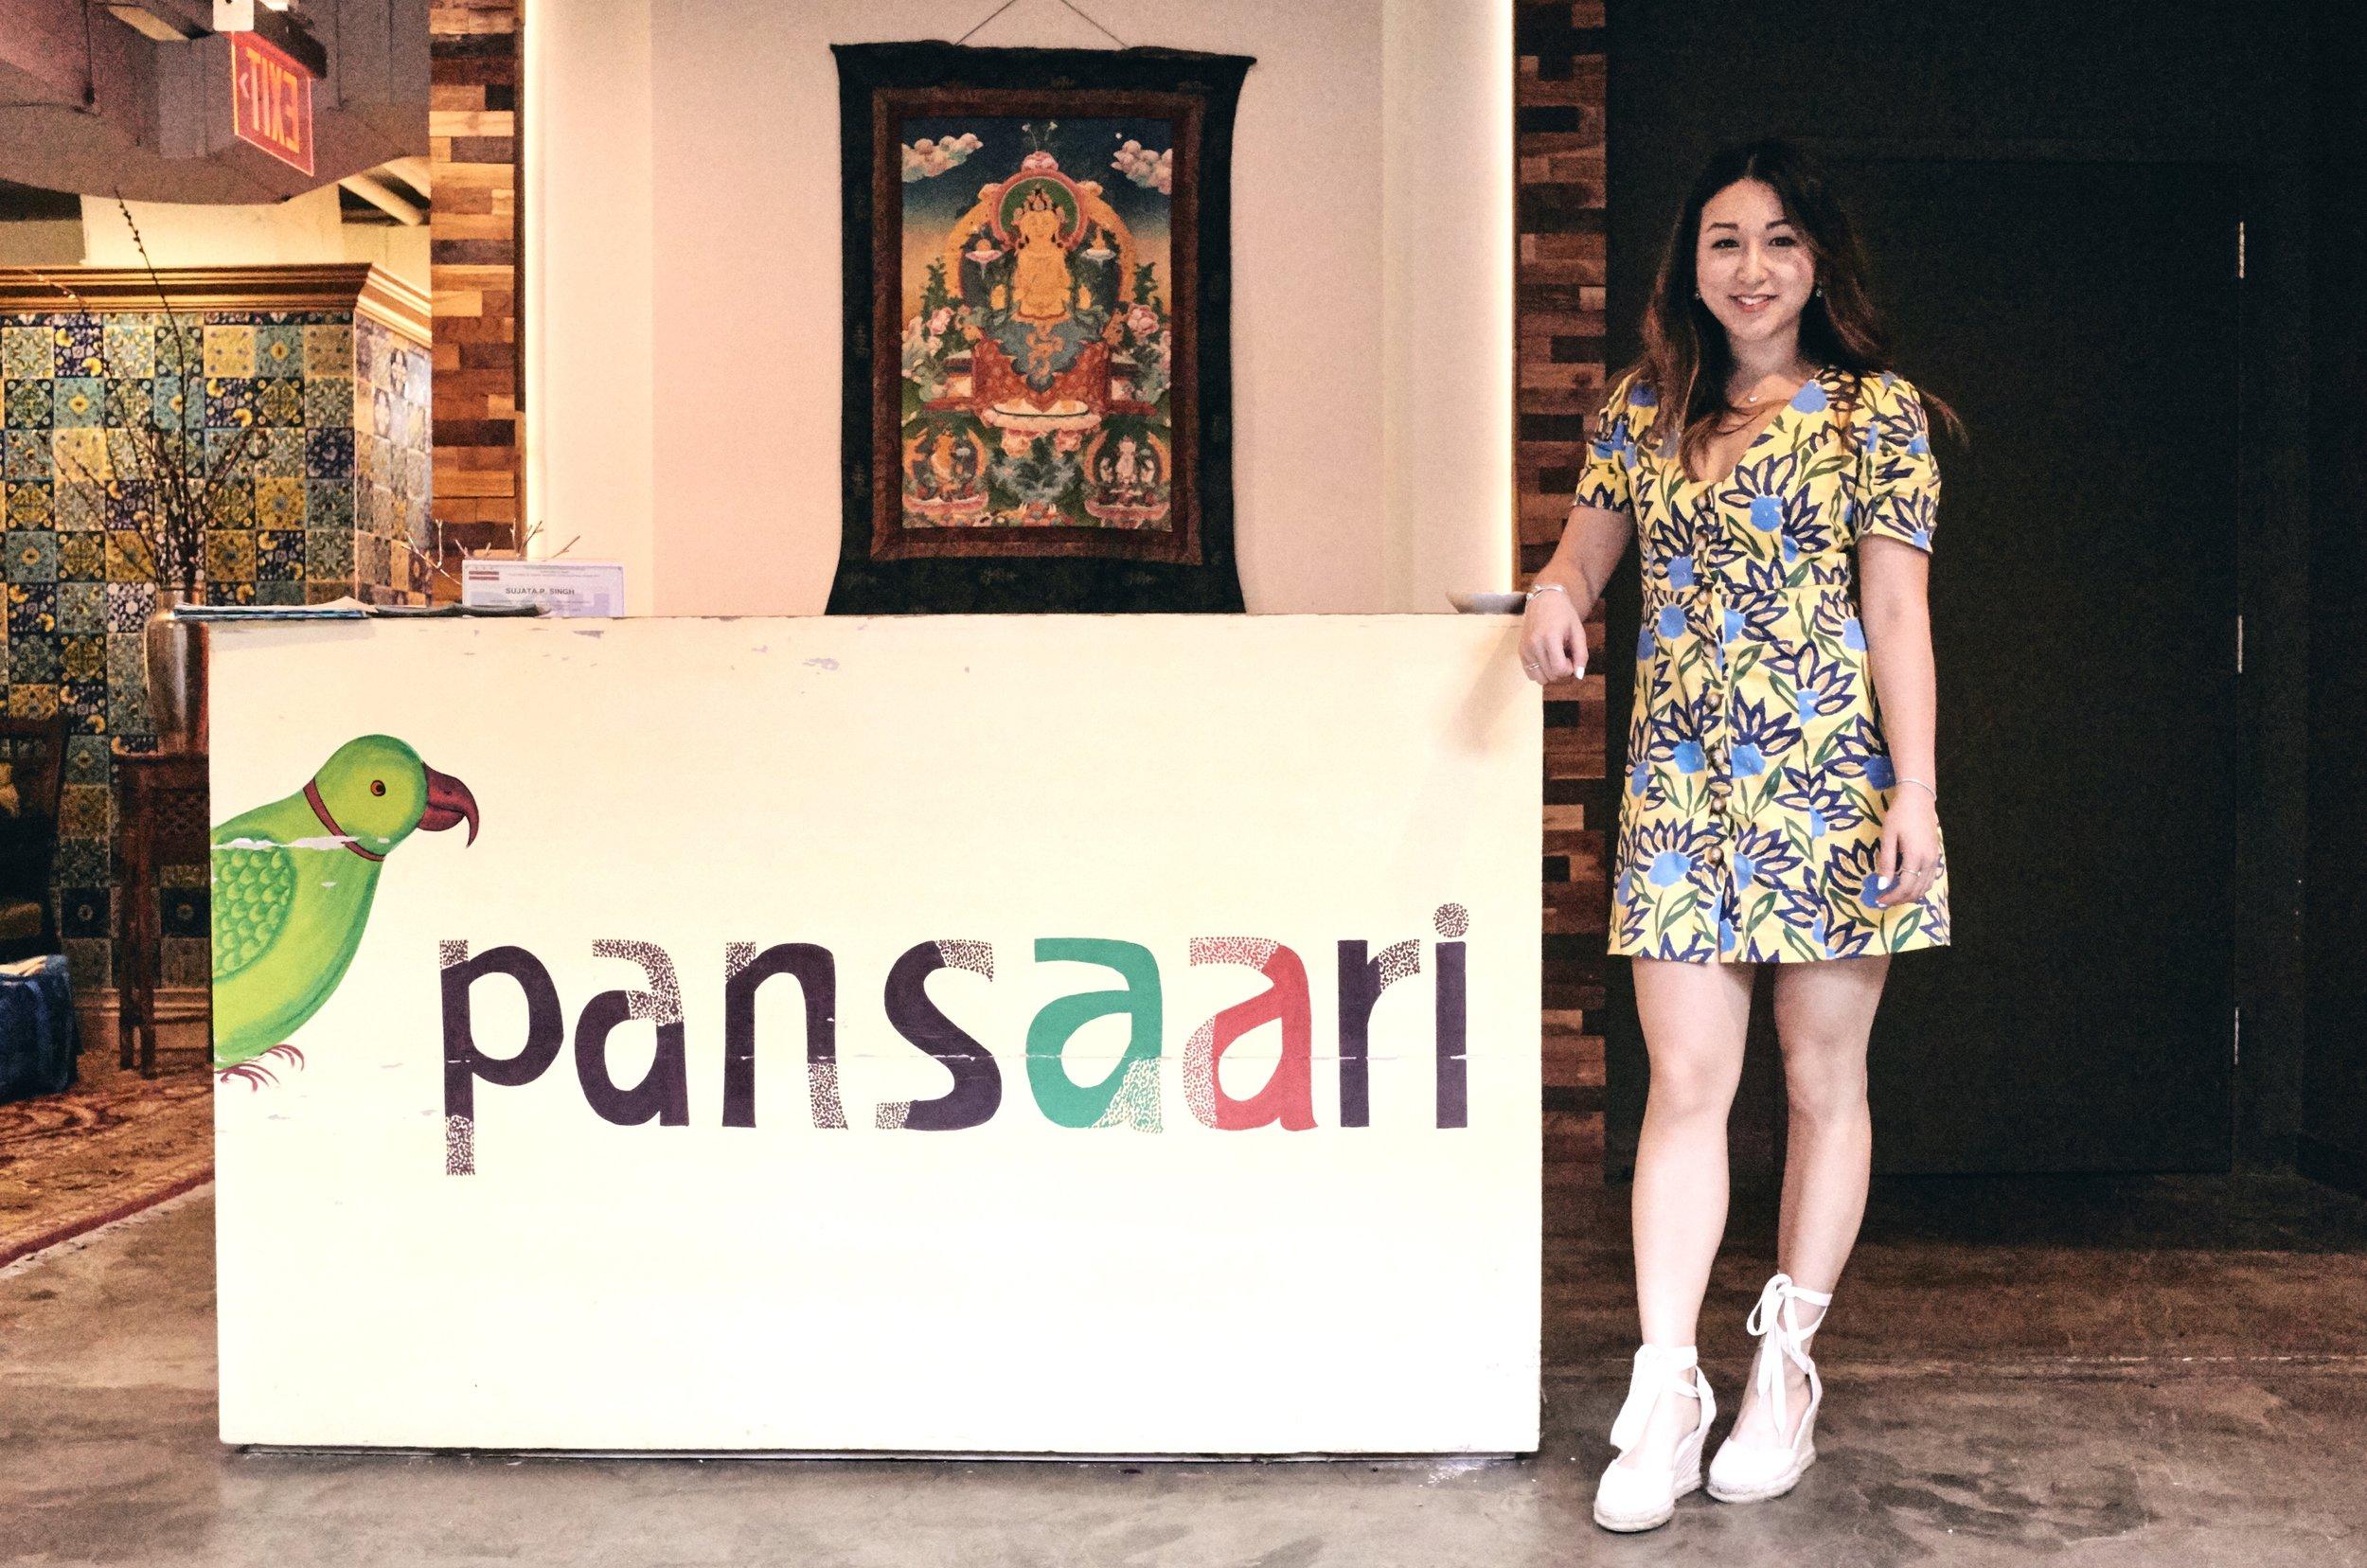 Margaret Nam-DuPont Circle-Pansaari